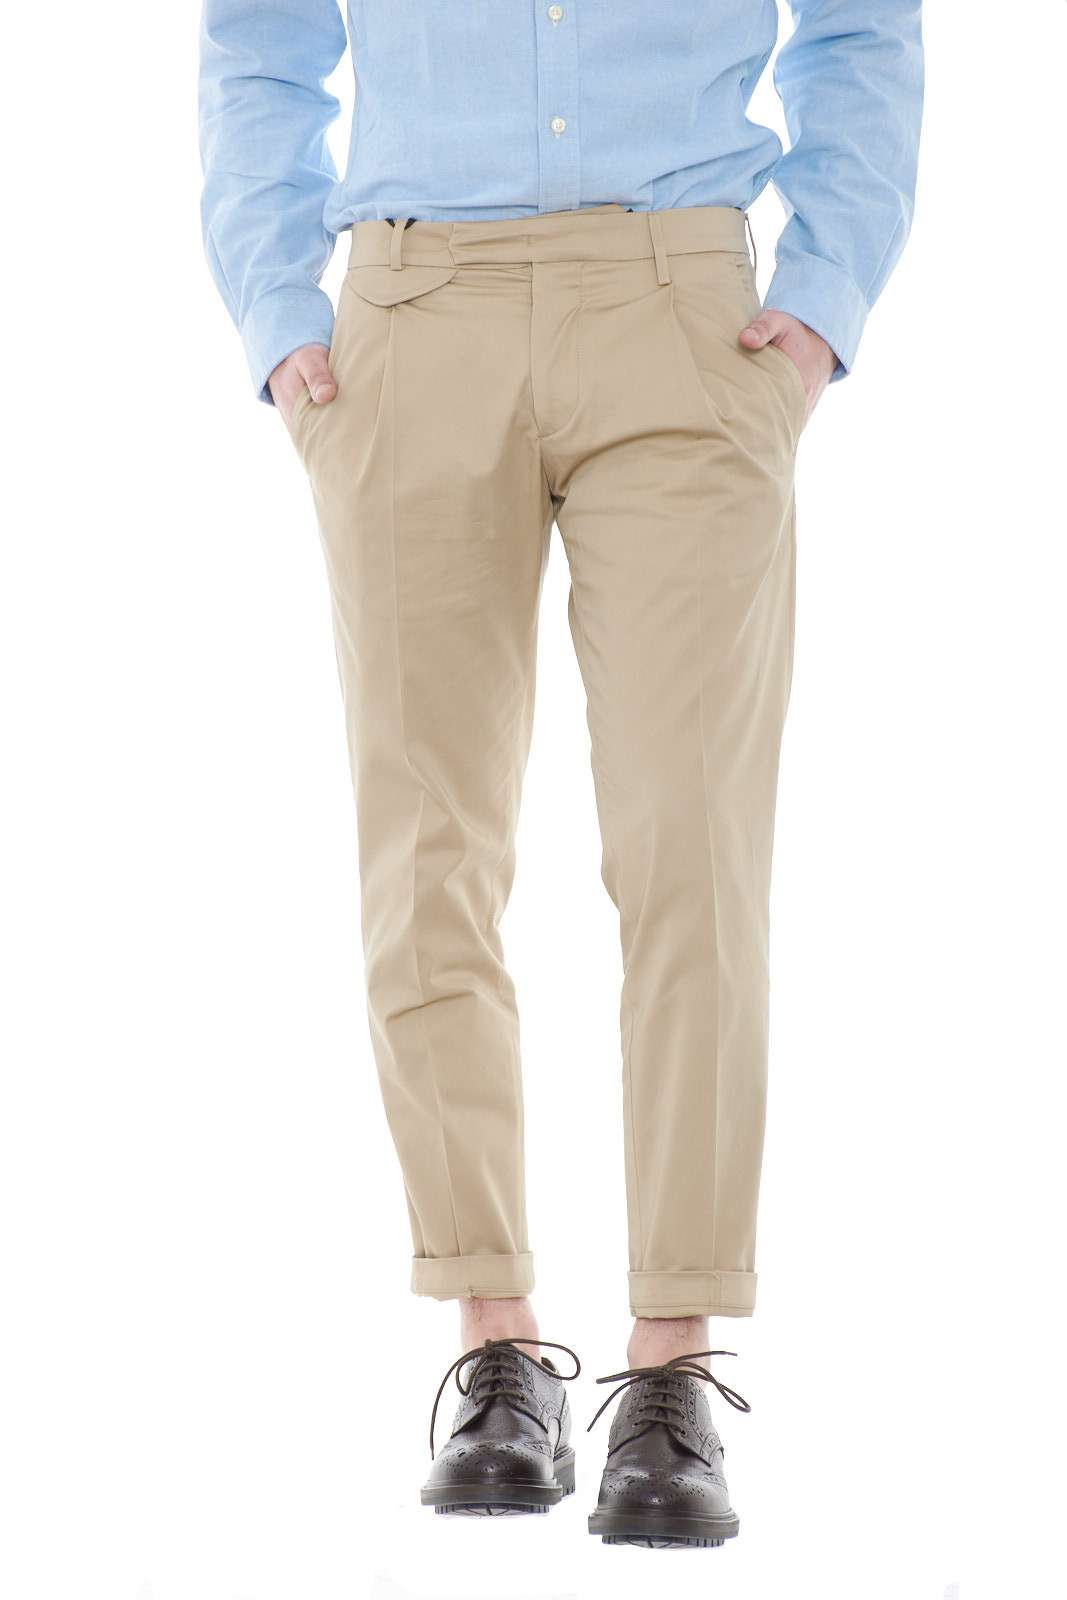 Un pantalone dallo stile casual chic quello firmato dalla new collection Michael Coal.  Caratterizzato dalle pinces e dal risvolto ai polsi è una soluzione per i look più formali.  Un evergreen della bella stagione per tutti gli stili.